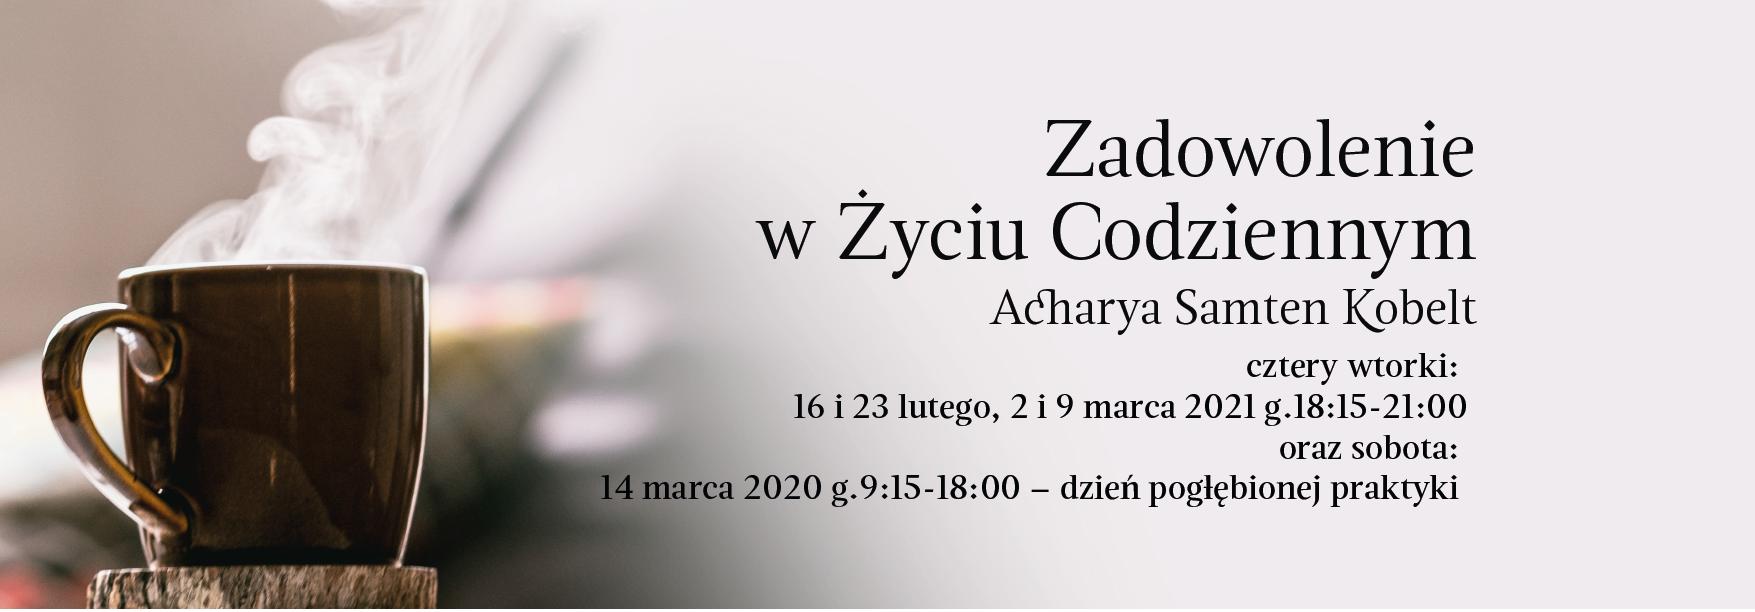 Szczecin/ciel_fb-03.png